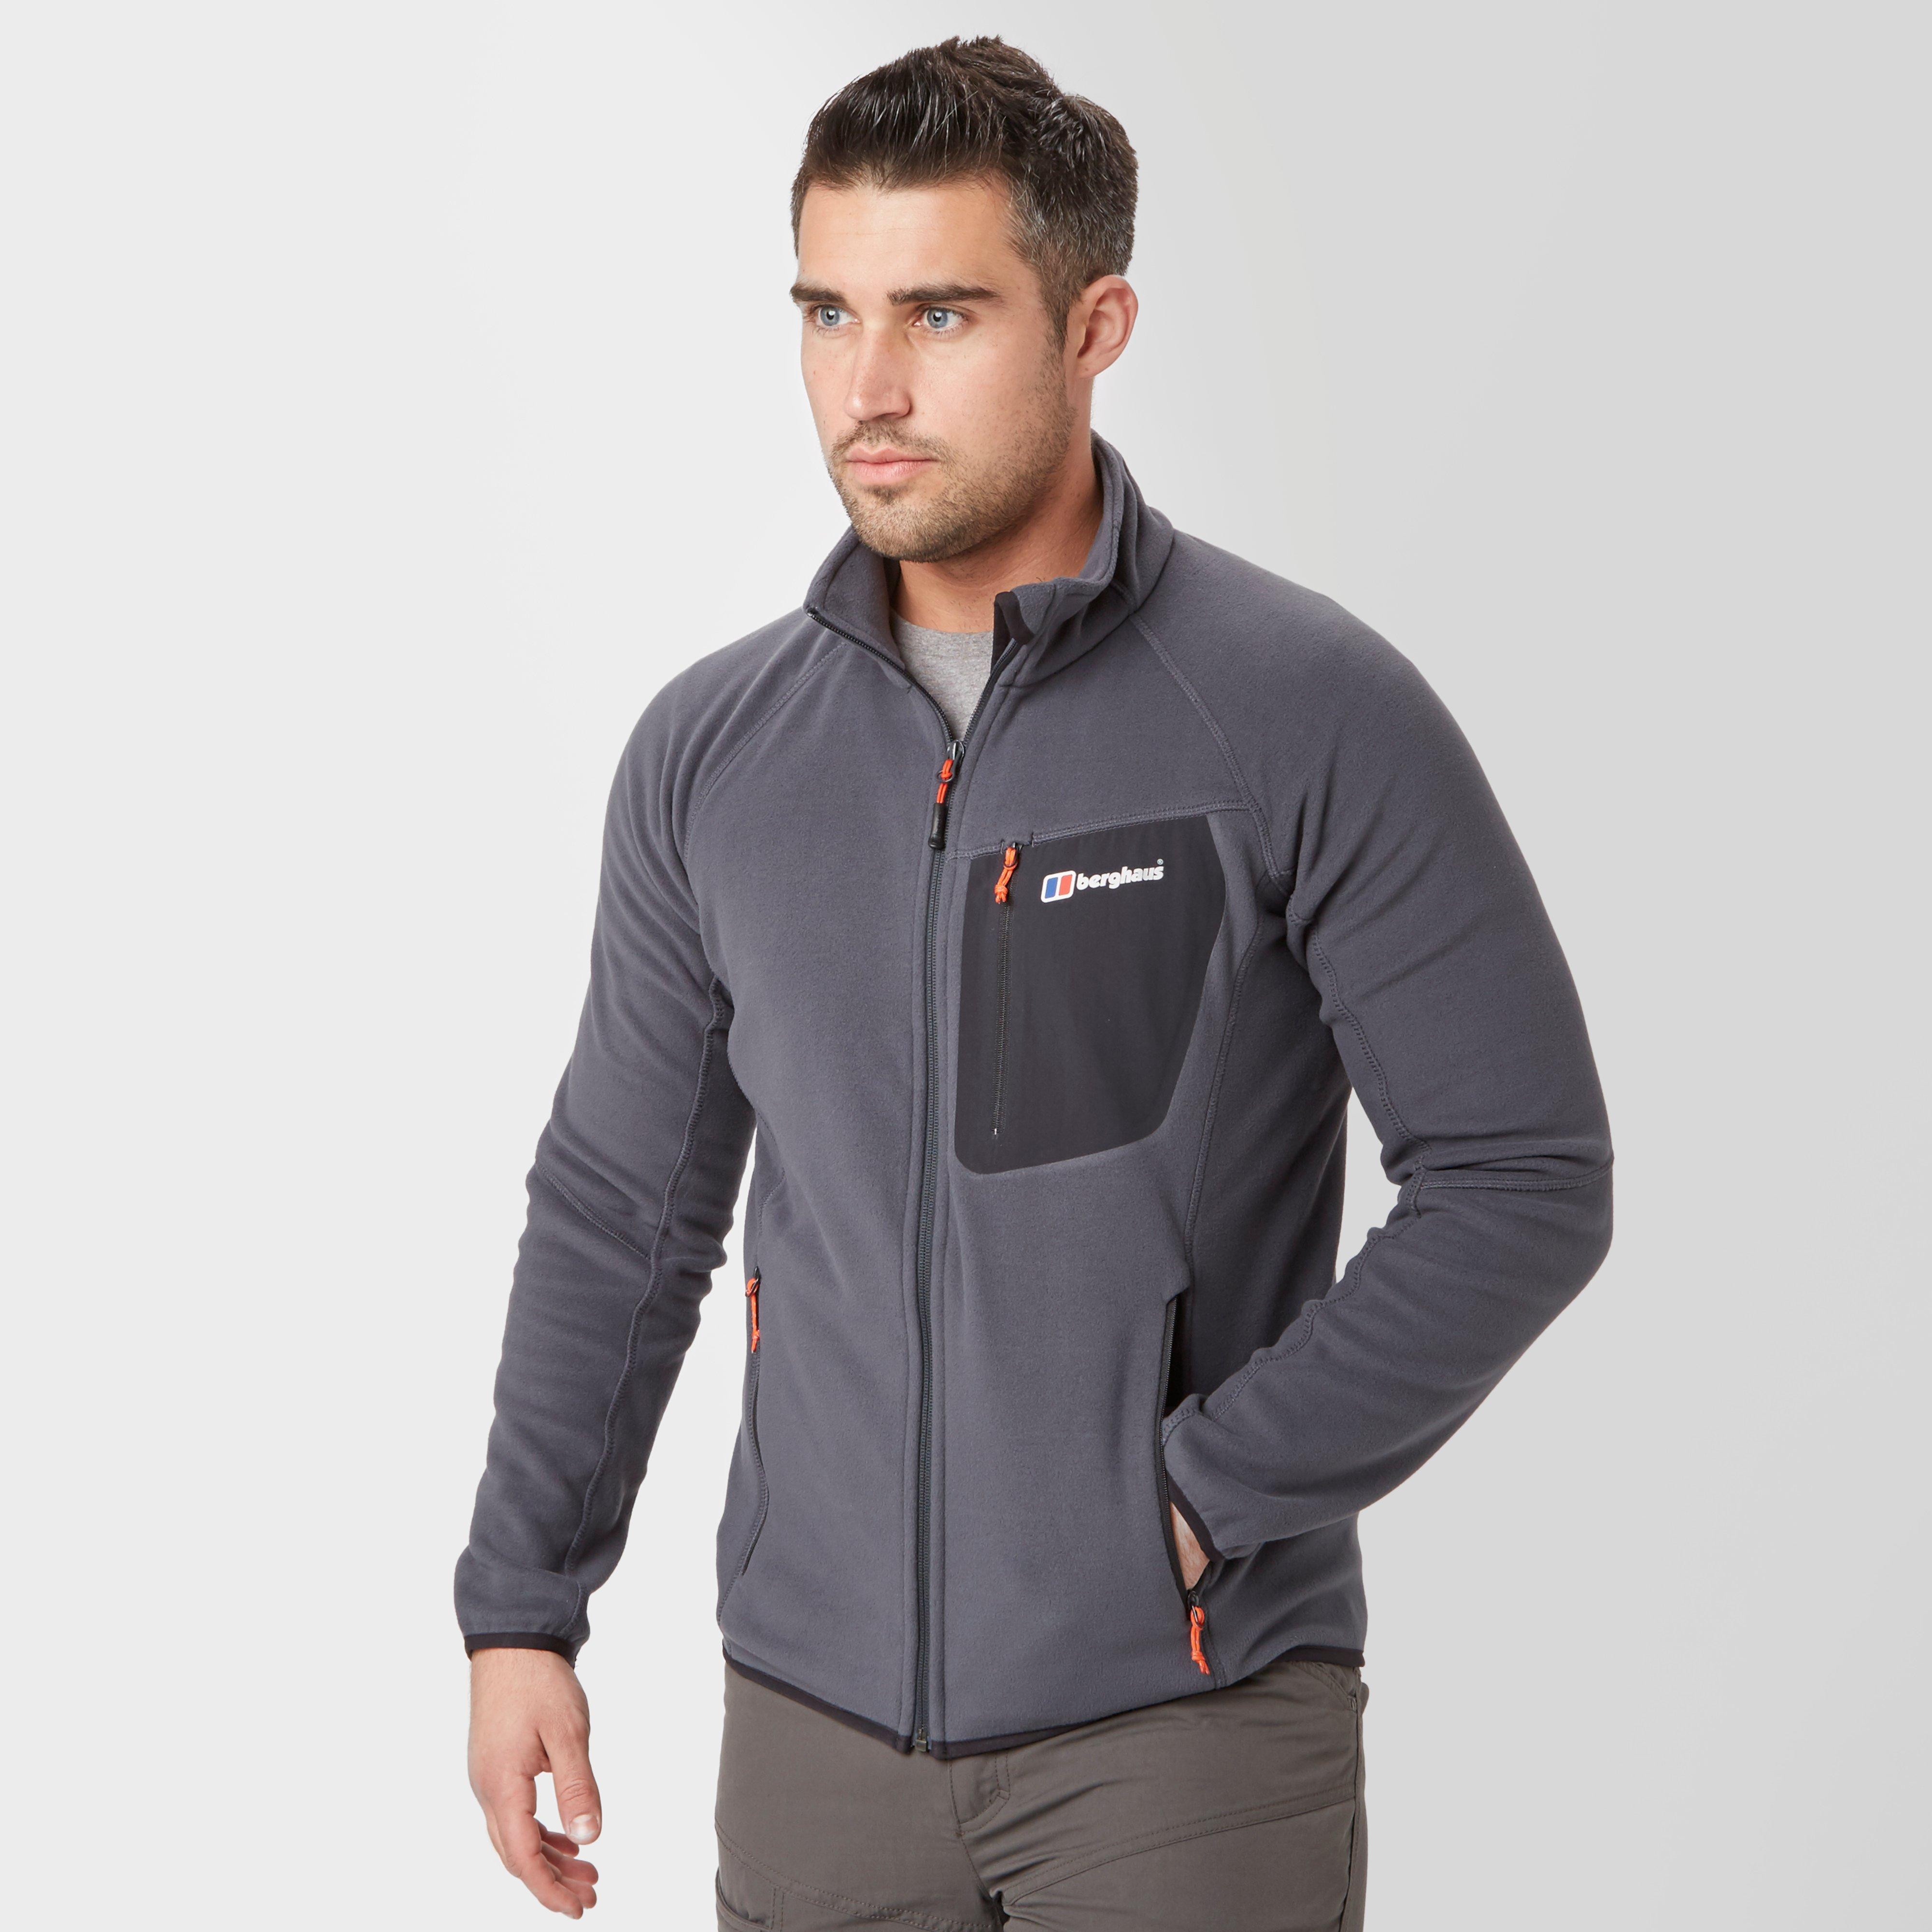 Men's Fleece Jackets, Hoodies & Zip Ups | Blacks